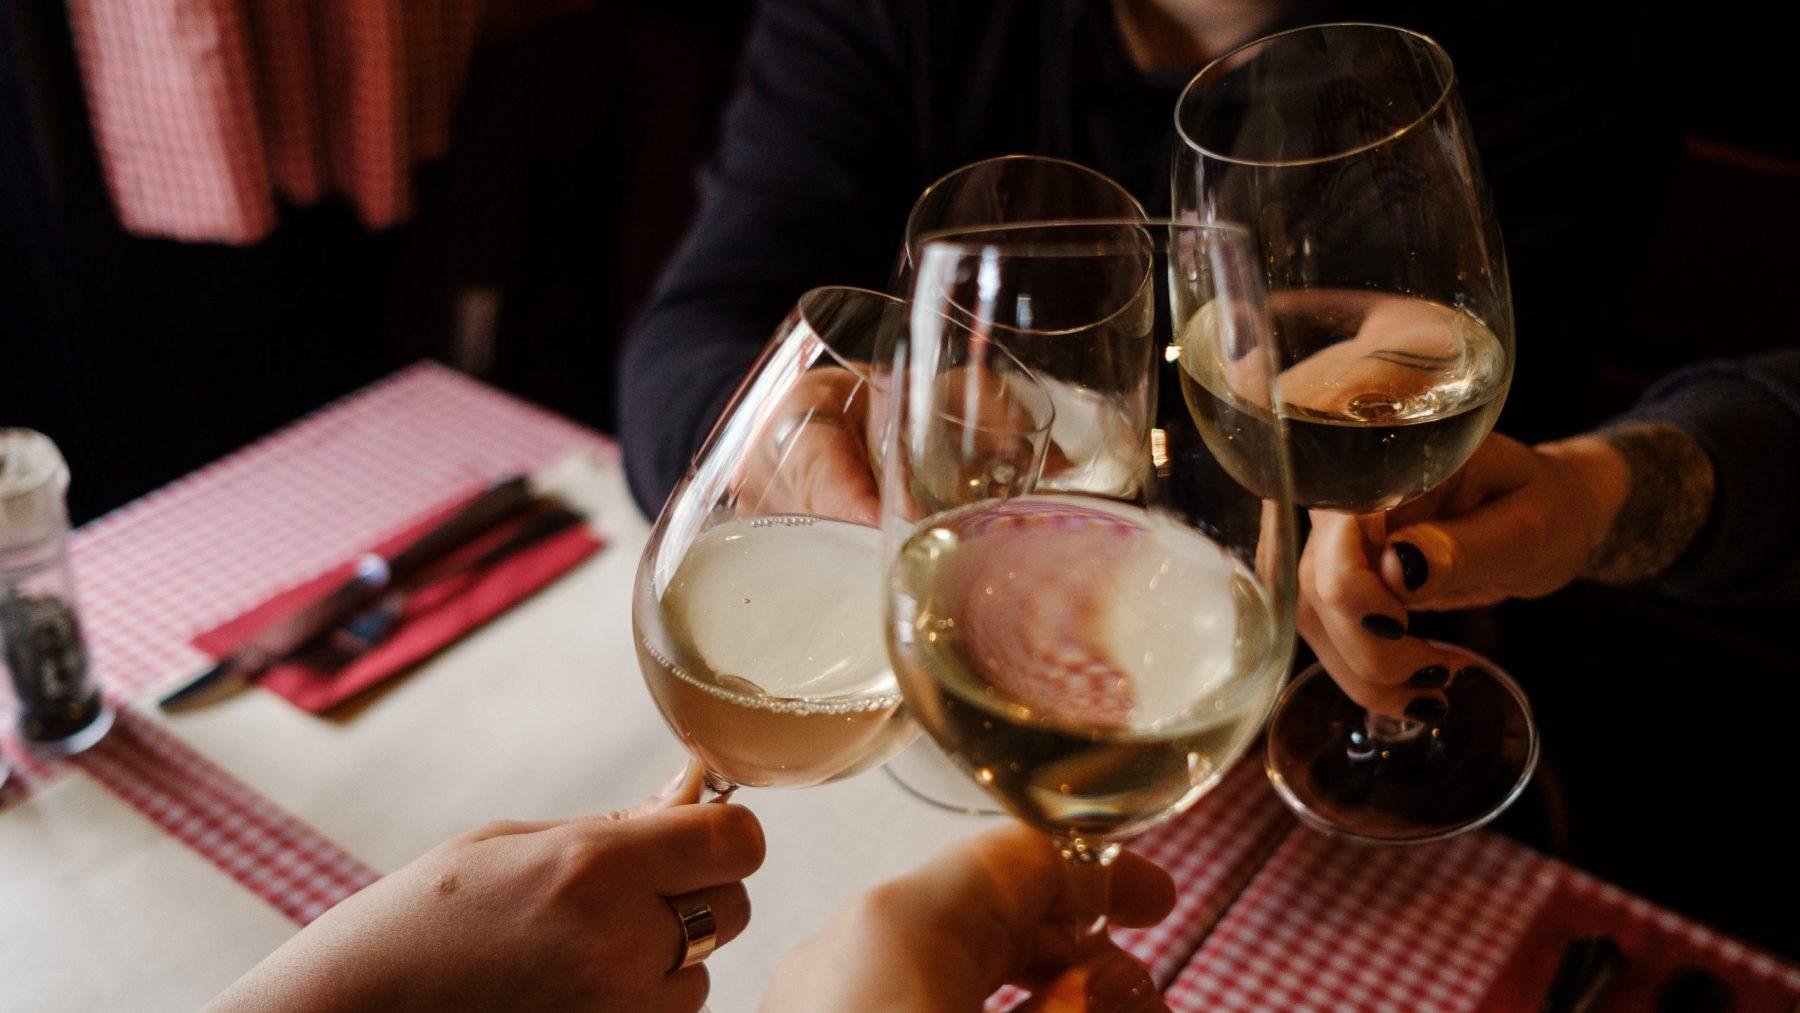 alcoholvrije-wijn-maakt-opwachting-aan-kerstdiner